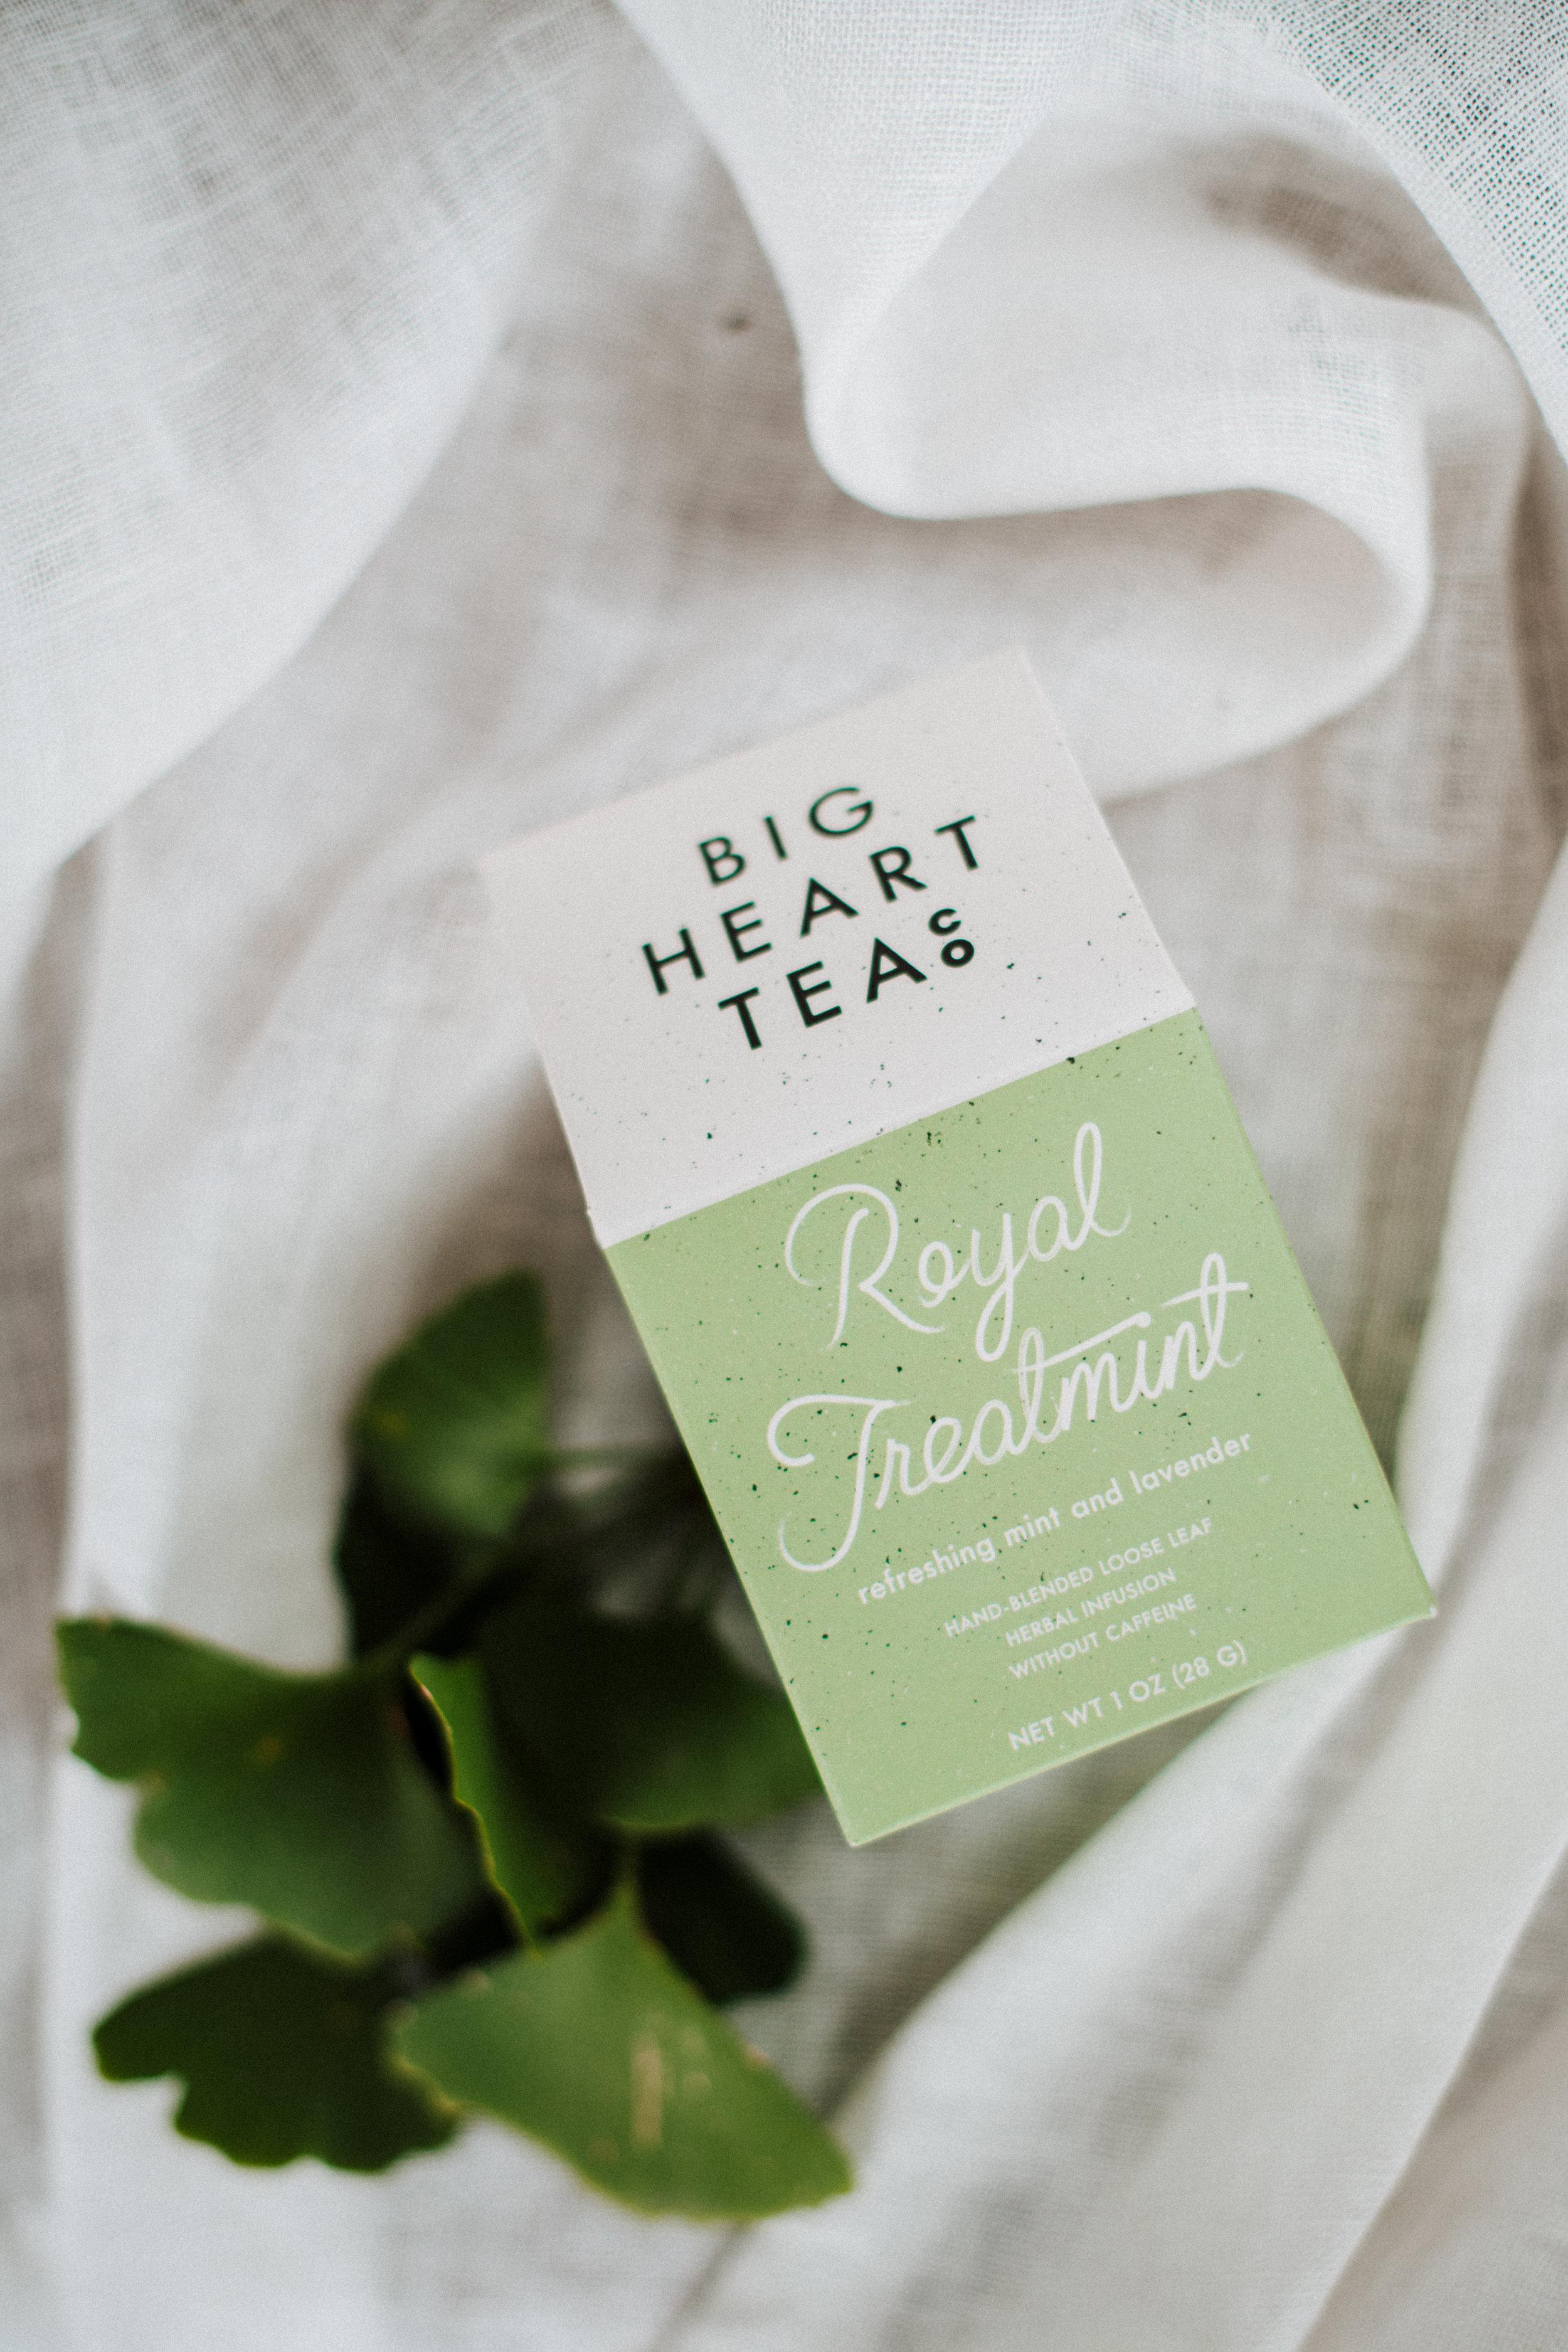 Big Heart Tea-38.jpg